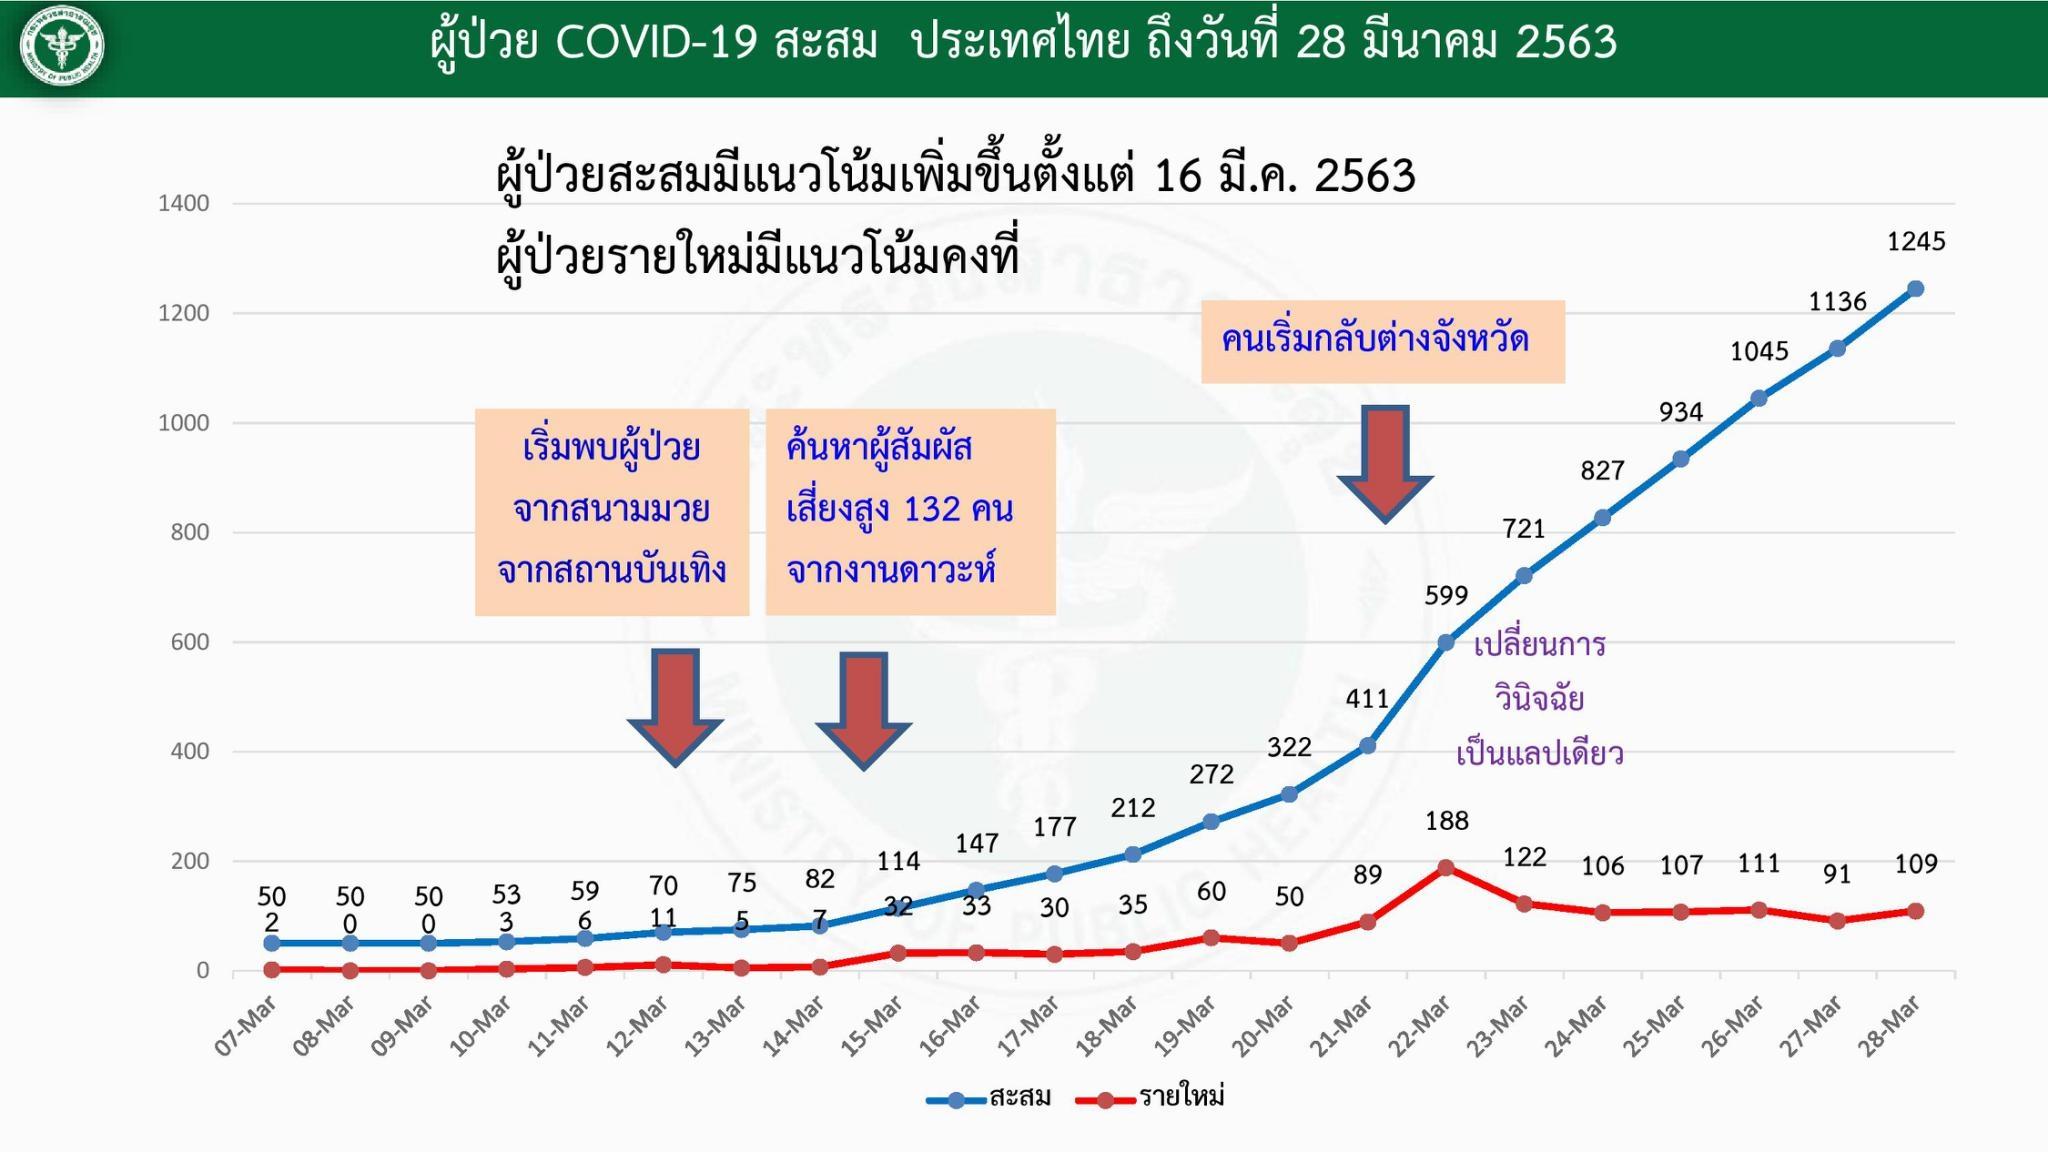 ยอดผู้ติดเชื้อ ไวรัสโควิด-19 วันที่ 28 มีนาคม 2563